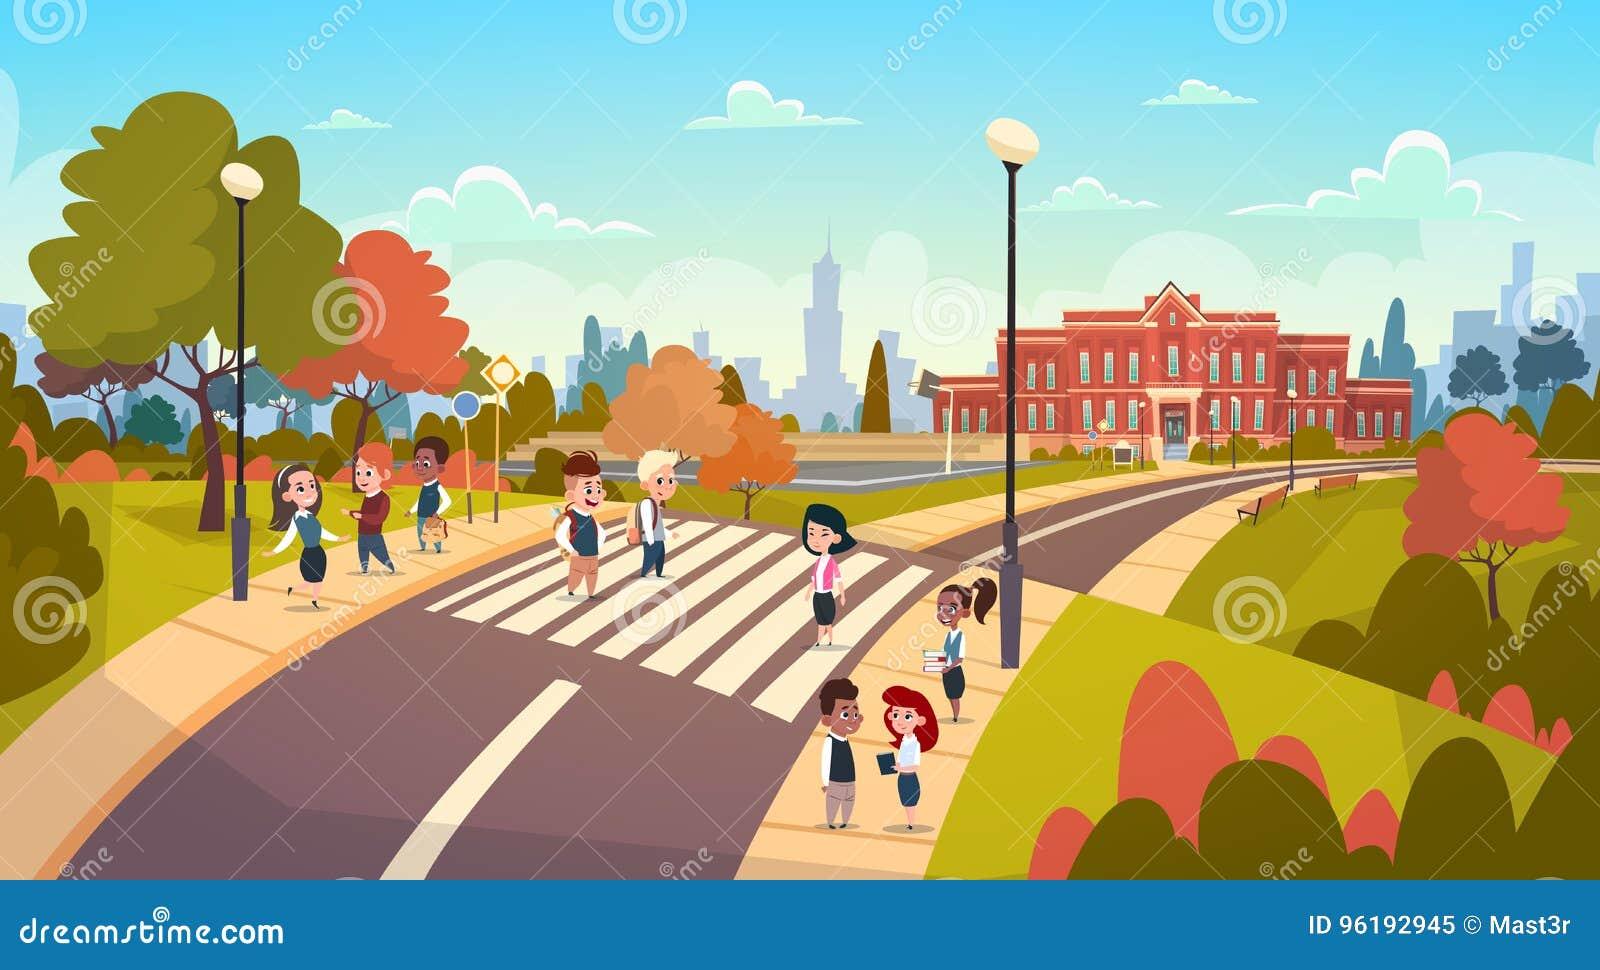 De groep Leerlingen die op het Rasstudenten van de Zebrapadmengeling lopen gaat naar School Kruisend Straat